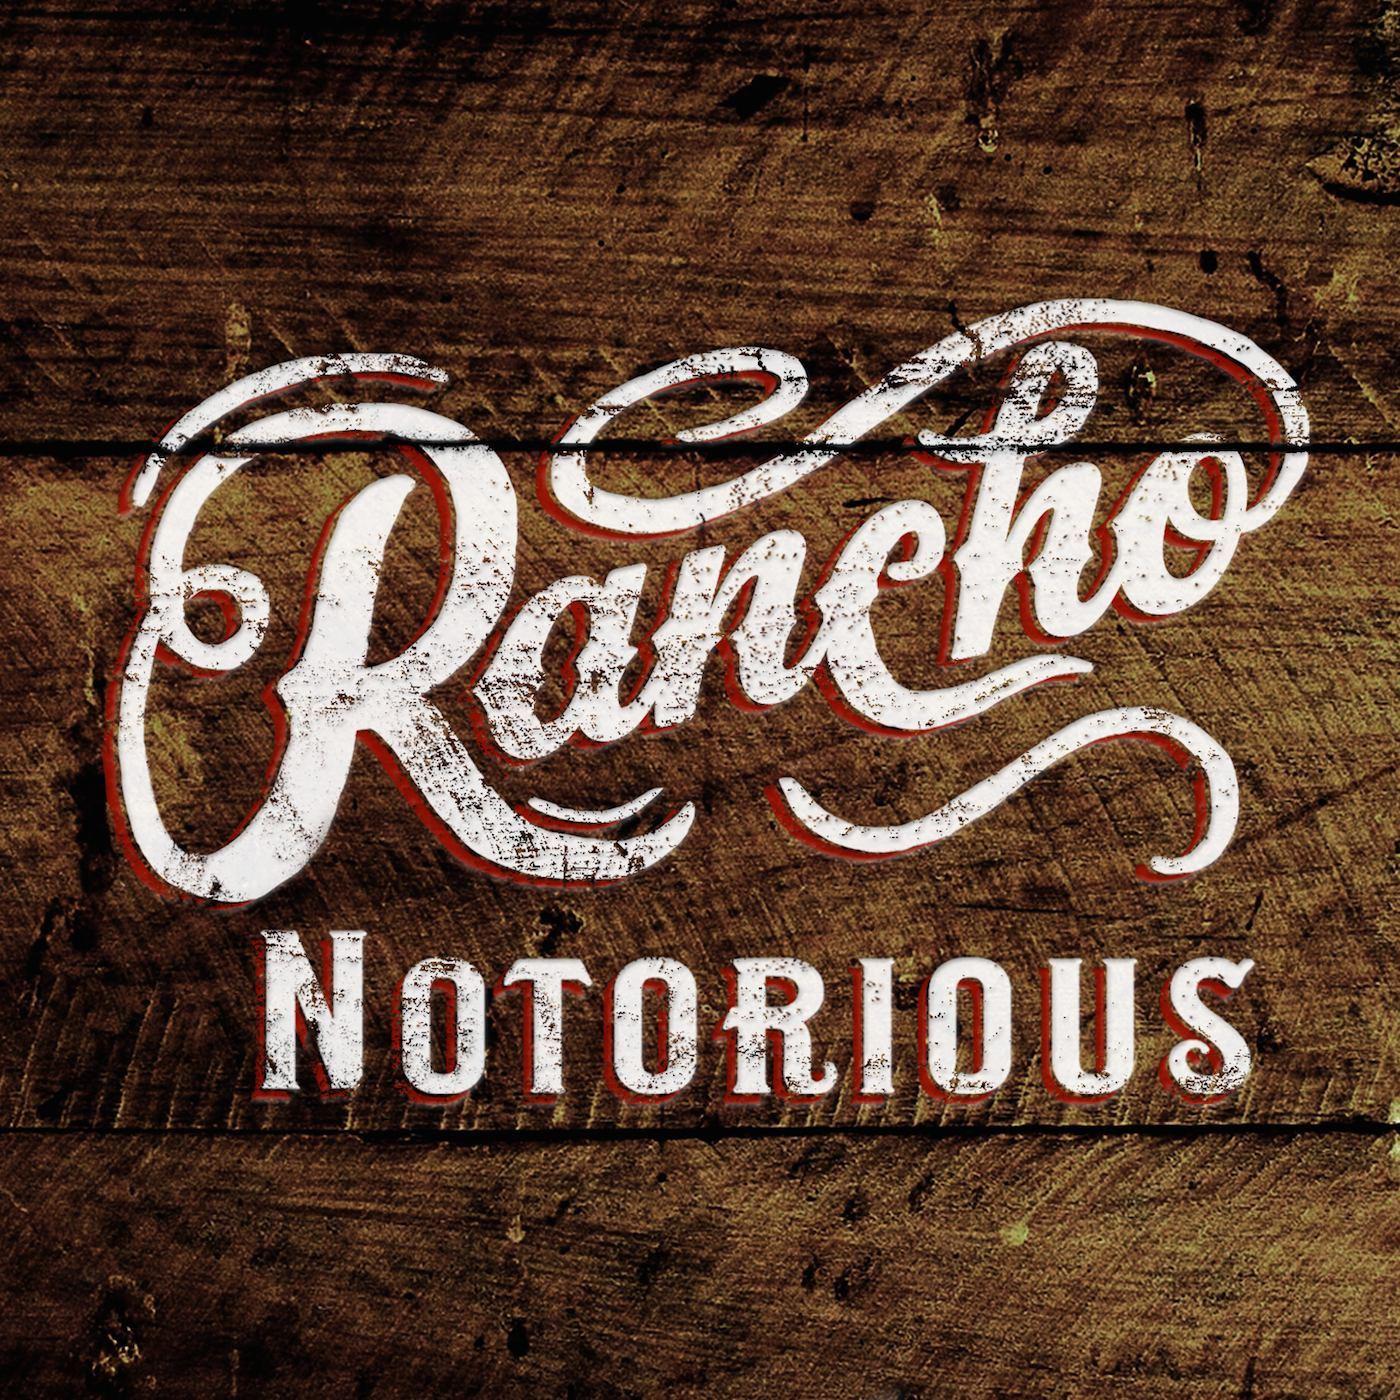 RNZ: Rancho Notorious